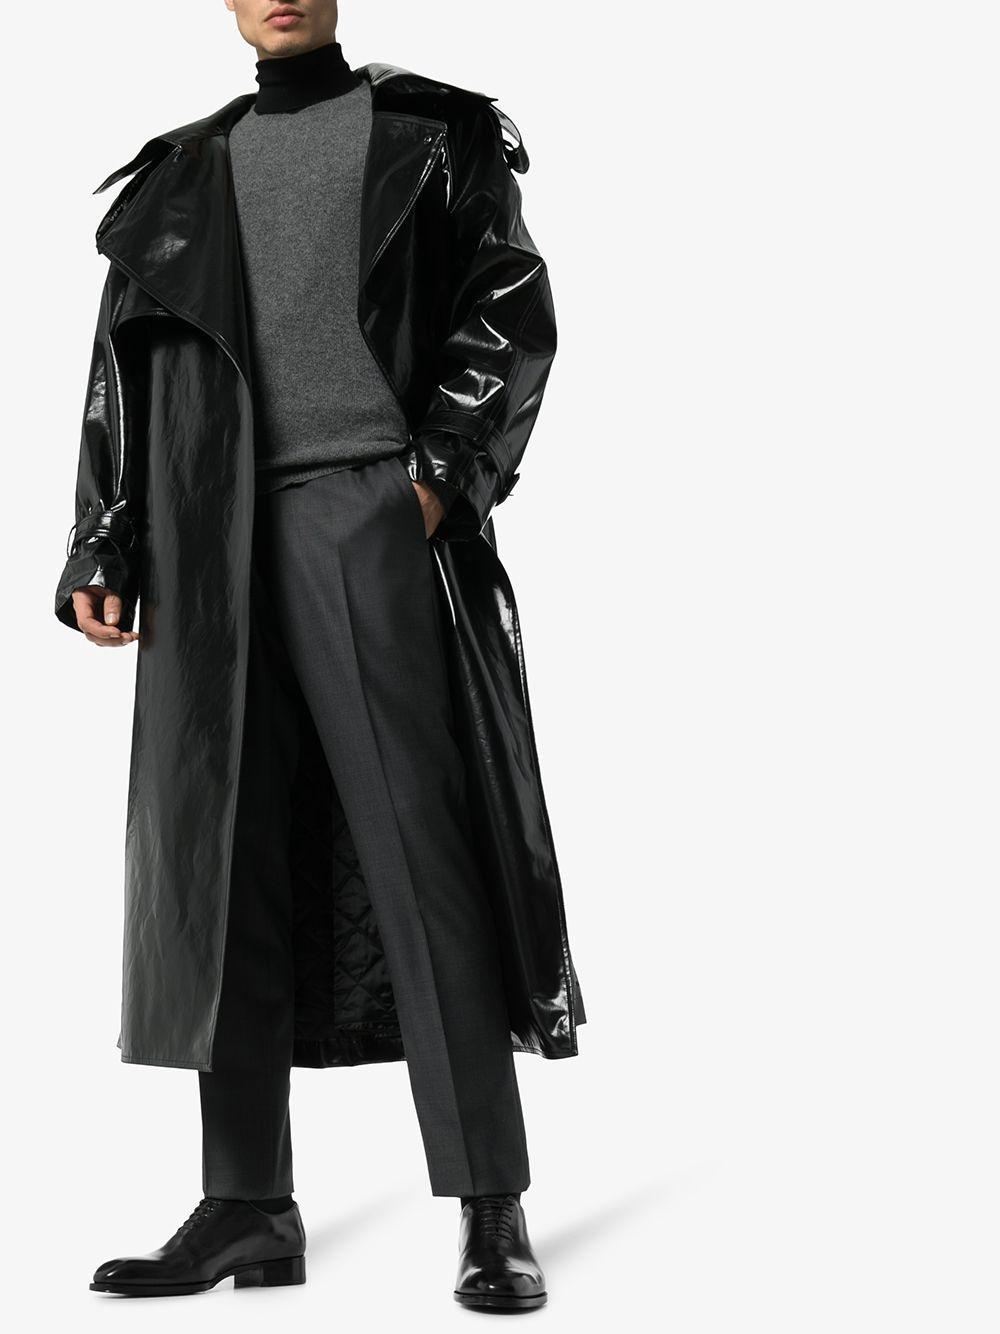 Zapatos oxford Elken Tom Ford de Cuero de color Negro para hombre